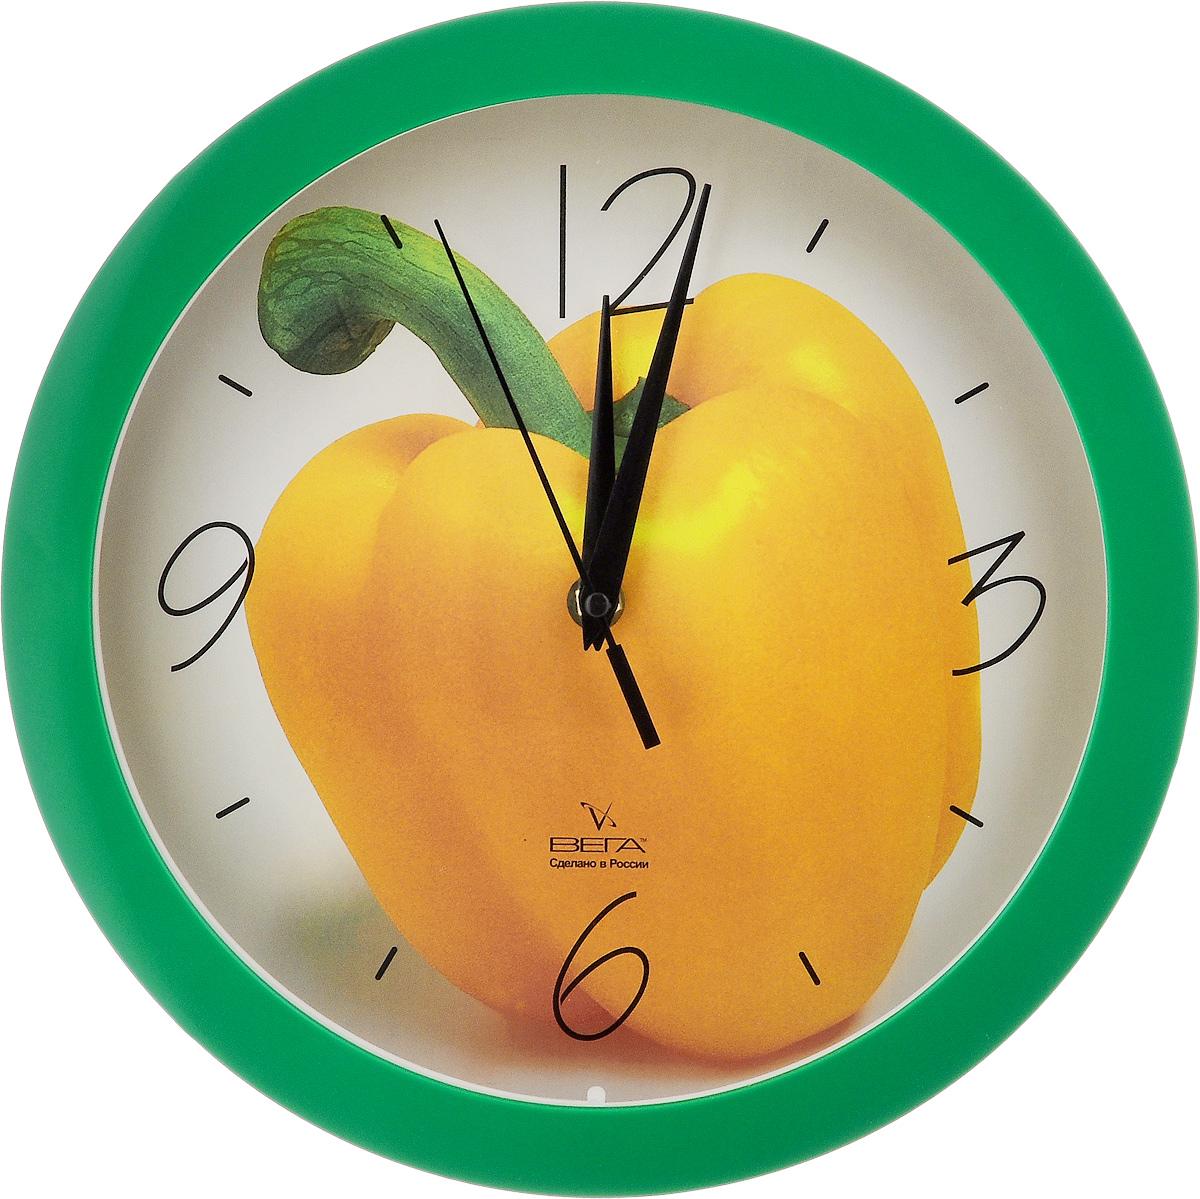 Часы настенные Вега Желтый перец, диаметр 28,5 смП1-3/7-28Настенные кварцевые часы Вега Желтый перец, изготовленные из пластика, прекрасно впишутся в интерьервашего дома. Круглые часы имеют три стрелки: часовую,минутную и секундную, циферблат защищен прозрачным стеклом.Часы работают от 1 батарейки типа АА напряжением 1,5 В (не входит в комплект).Диаметр часов: 28,5 см.